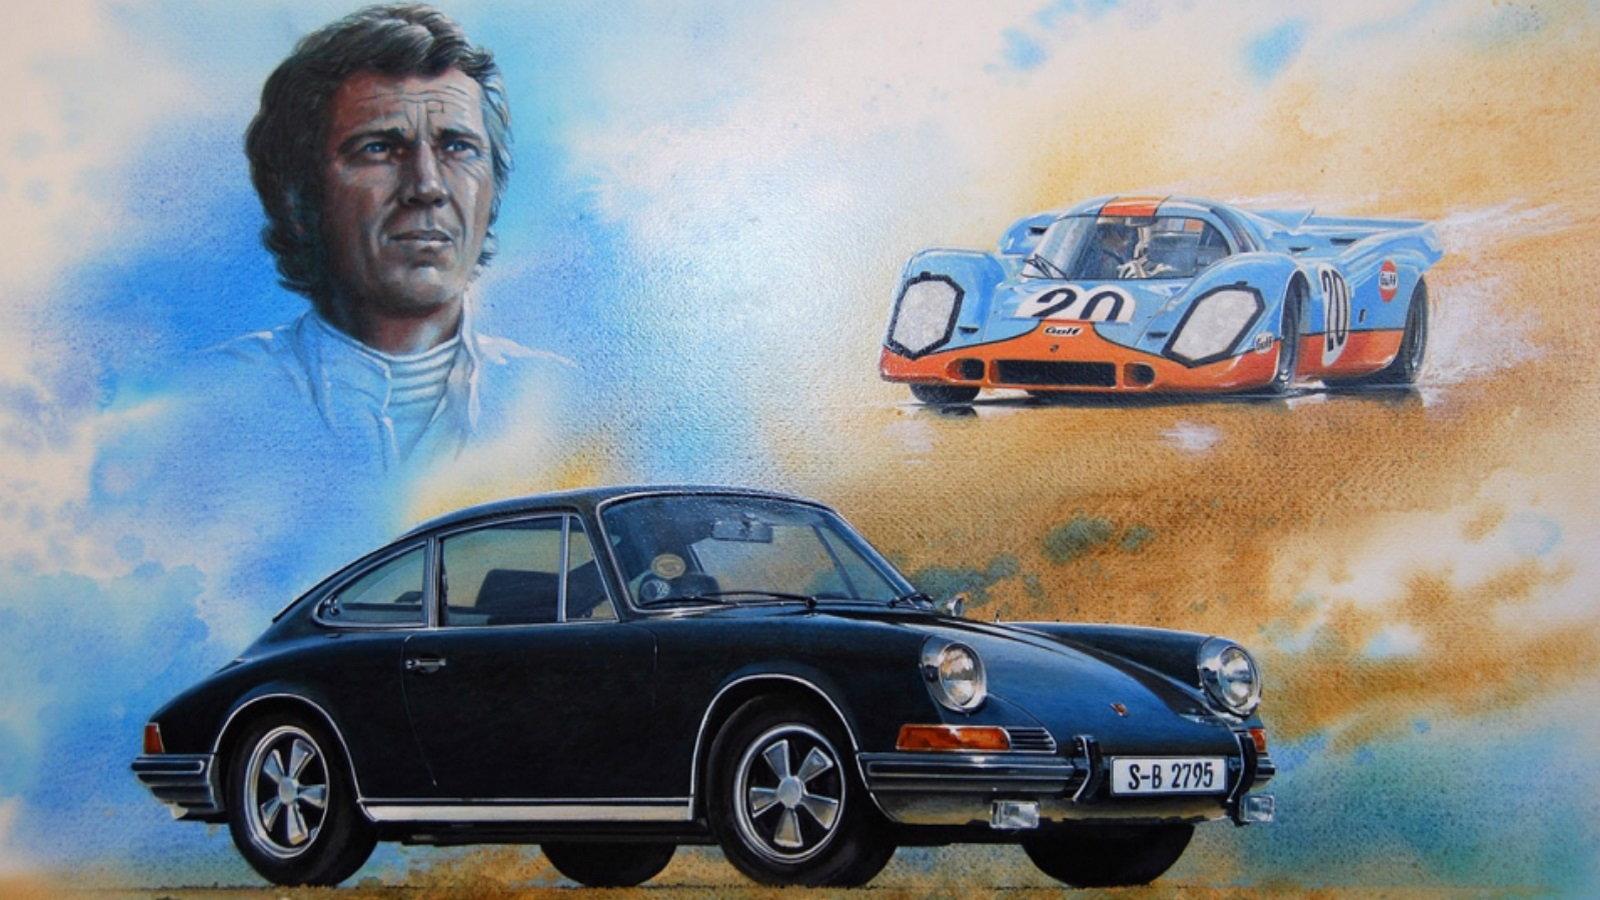 Porsche movie marathon